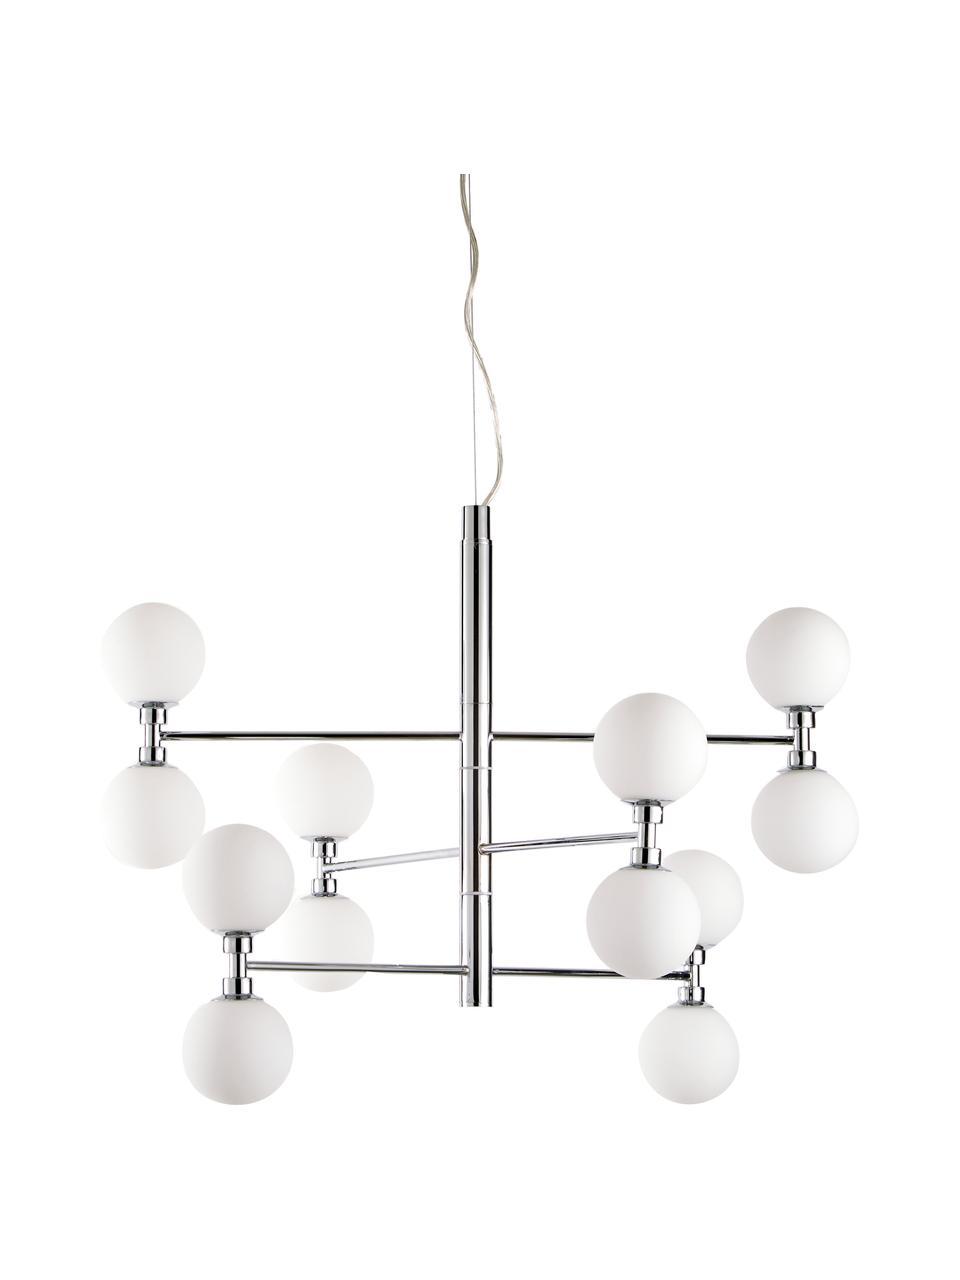 Veľká závesná lampa so sklenenými guľami Grover, Chrómová